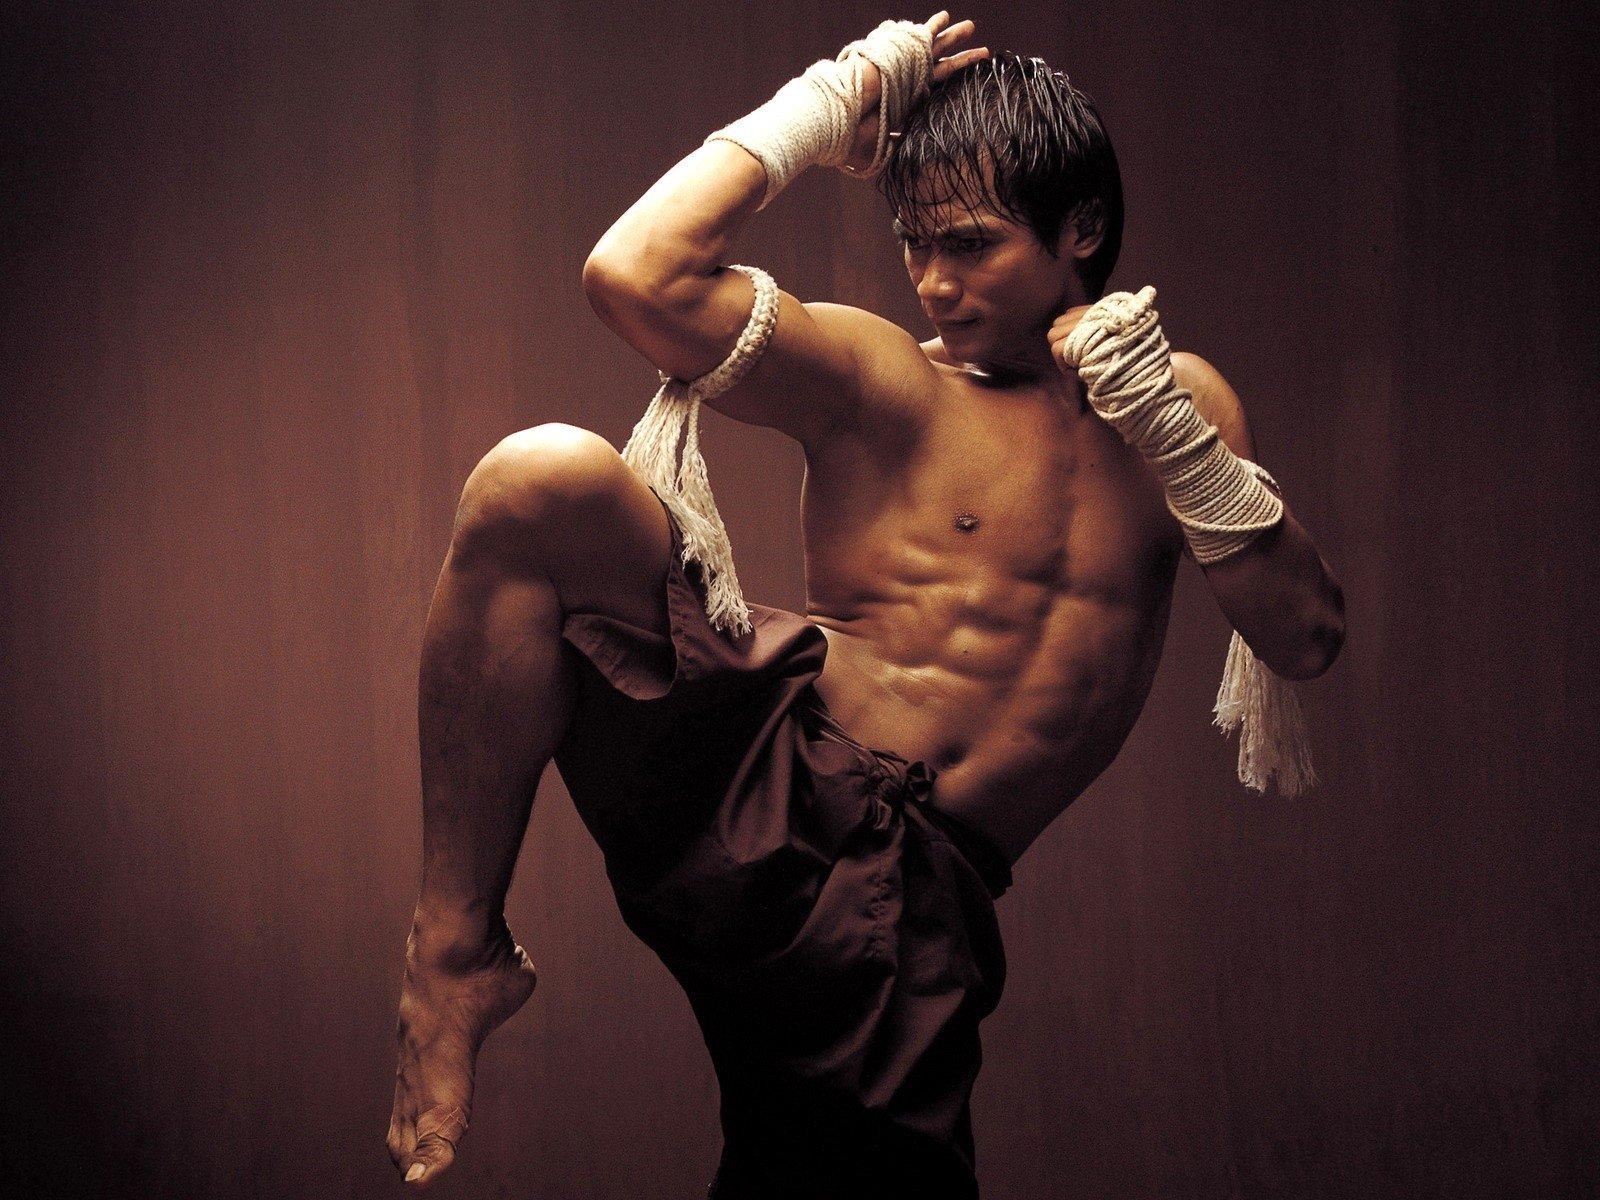 Sports - Martial Arts  Wallpaper